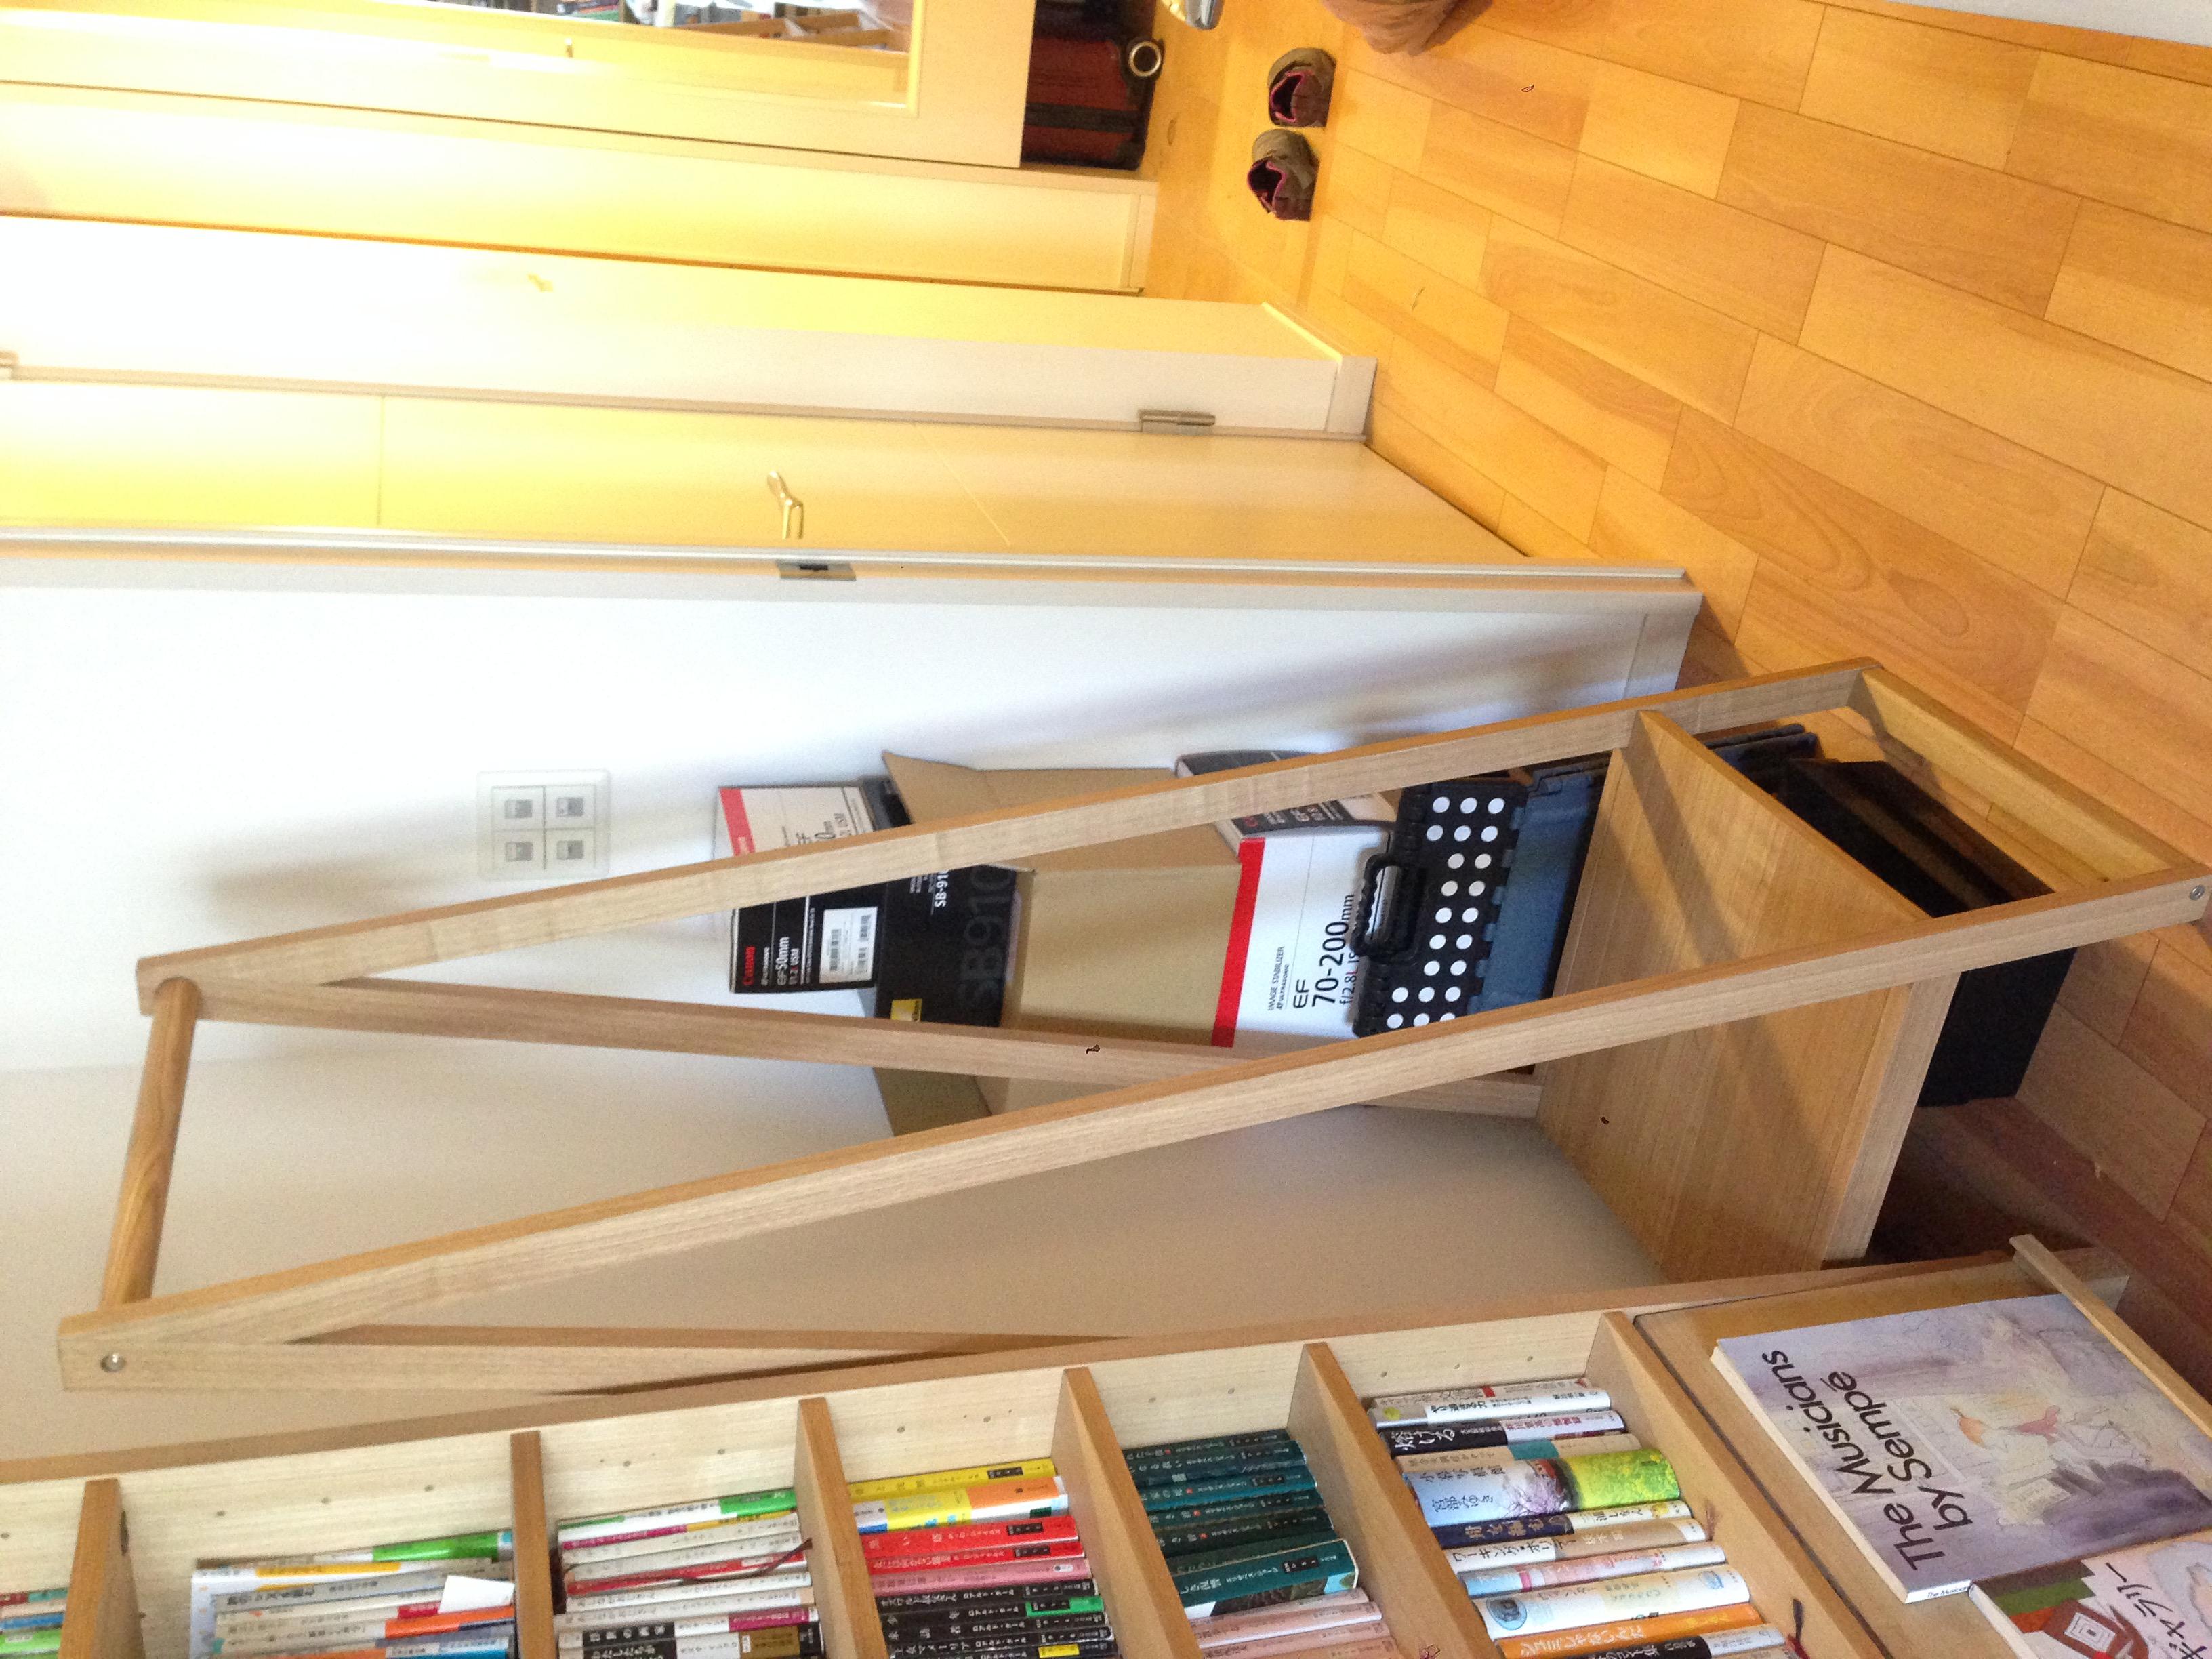 オーク材コートハンガー(無印良品). 元のサイズの画像を表示